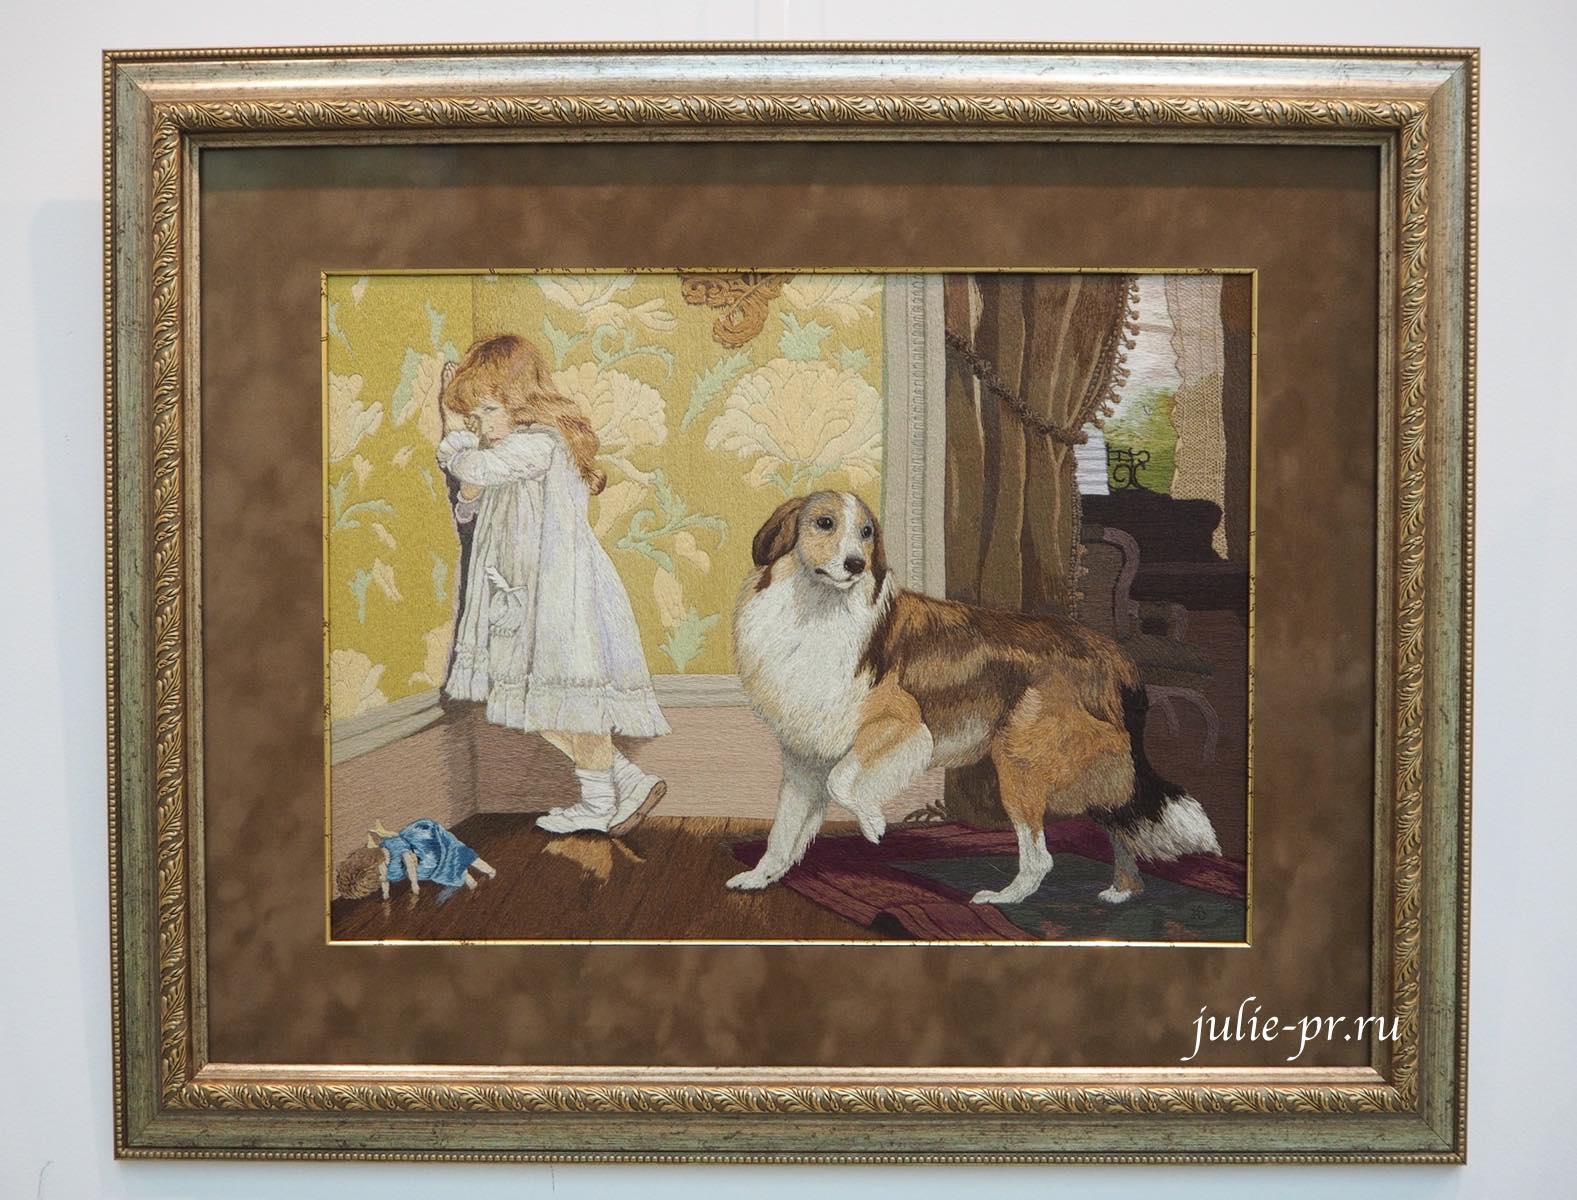 Всероссийская выставка вышивки, вышивка гладью, собака